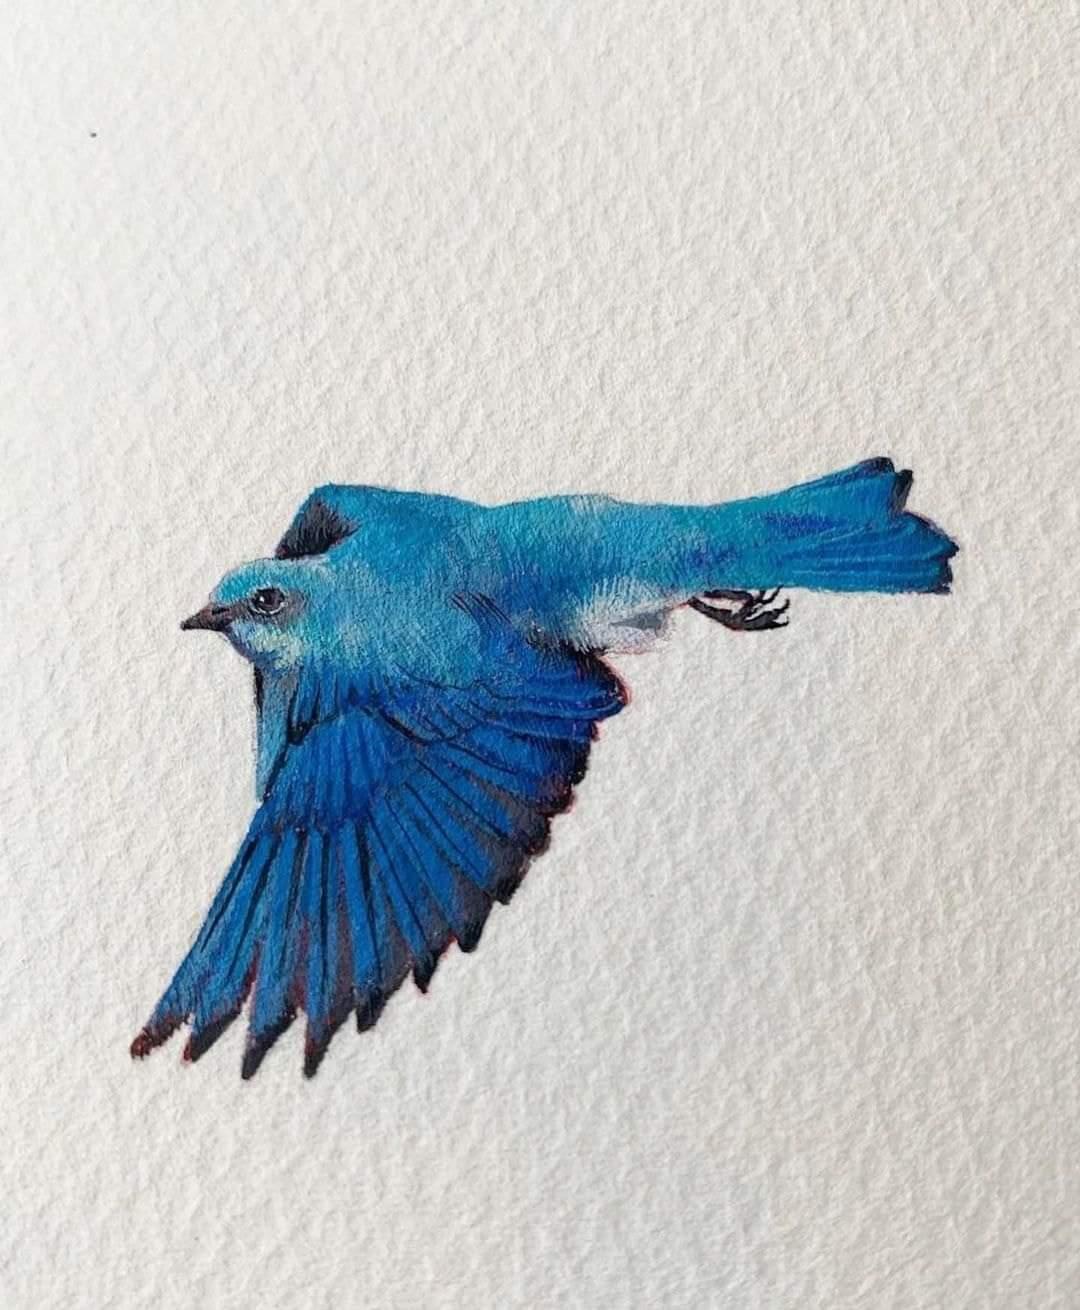 Beautiful birds by Artist Dina Brodsky